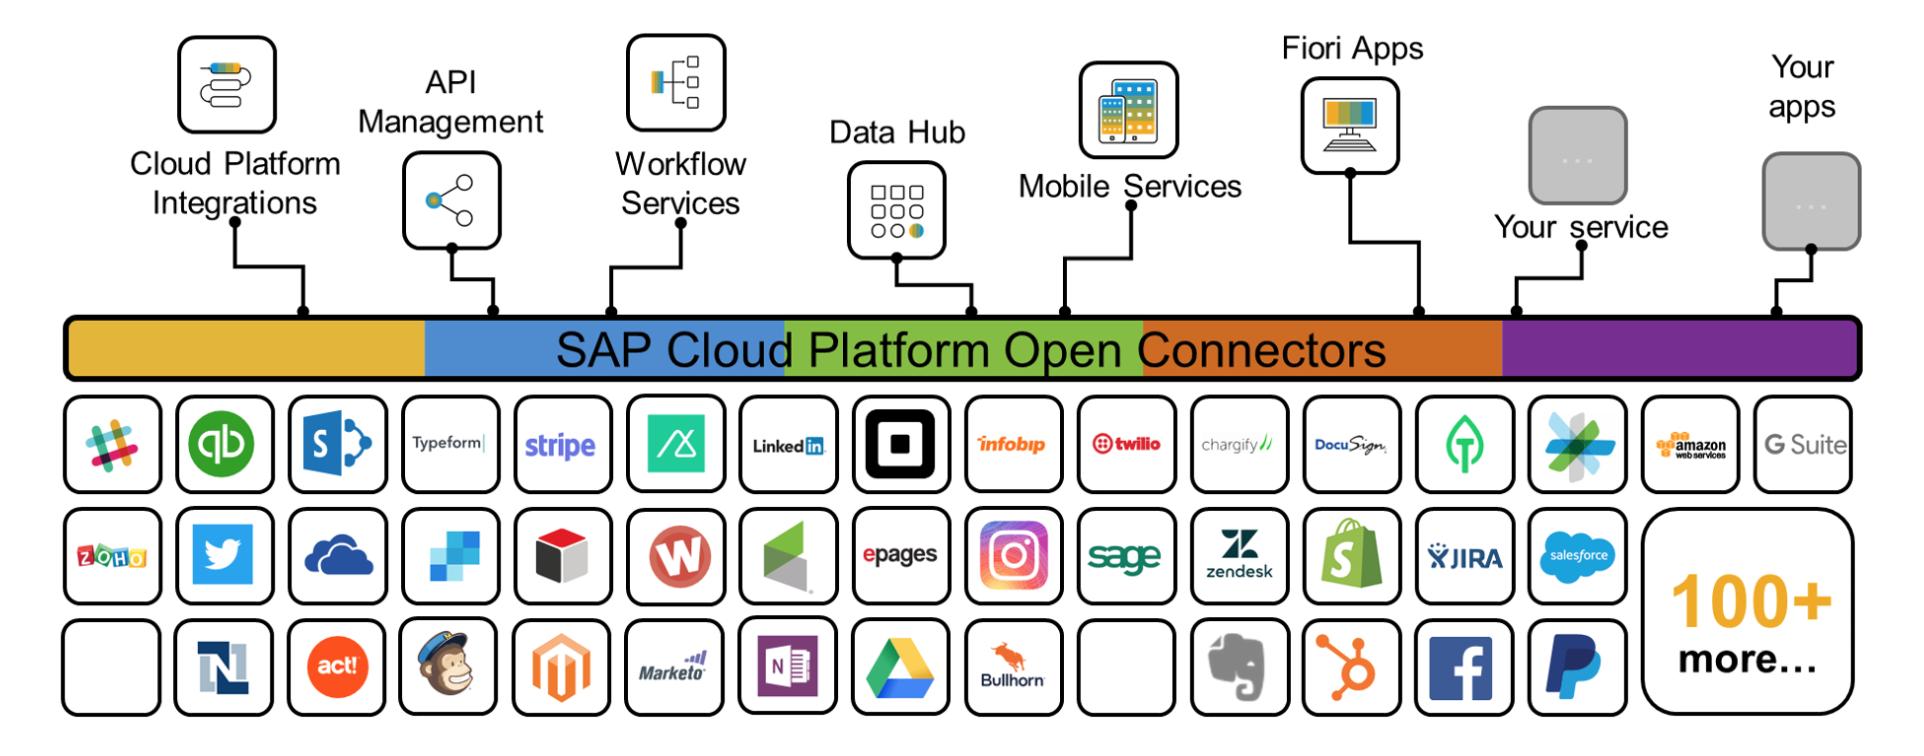 SAP Open Connectors Marketplace